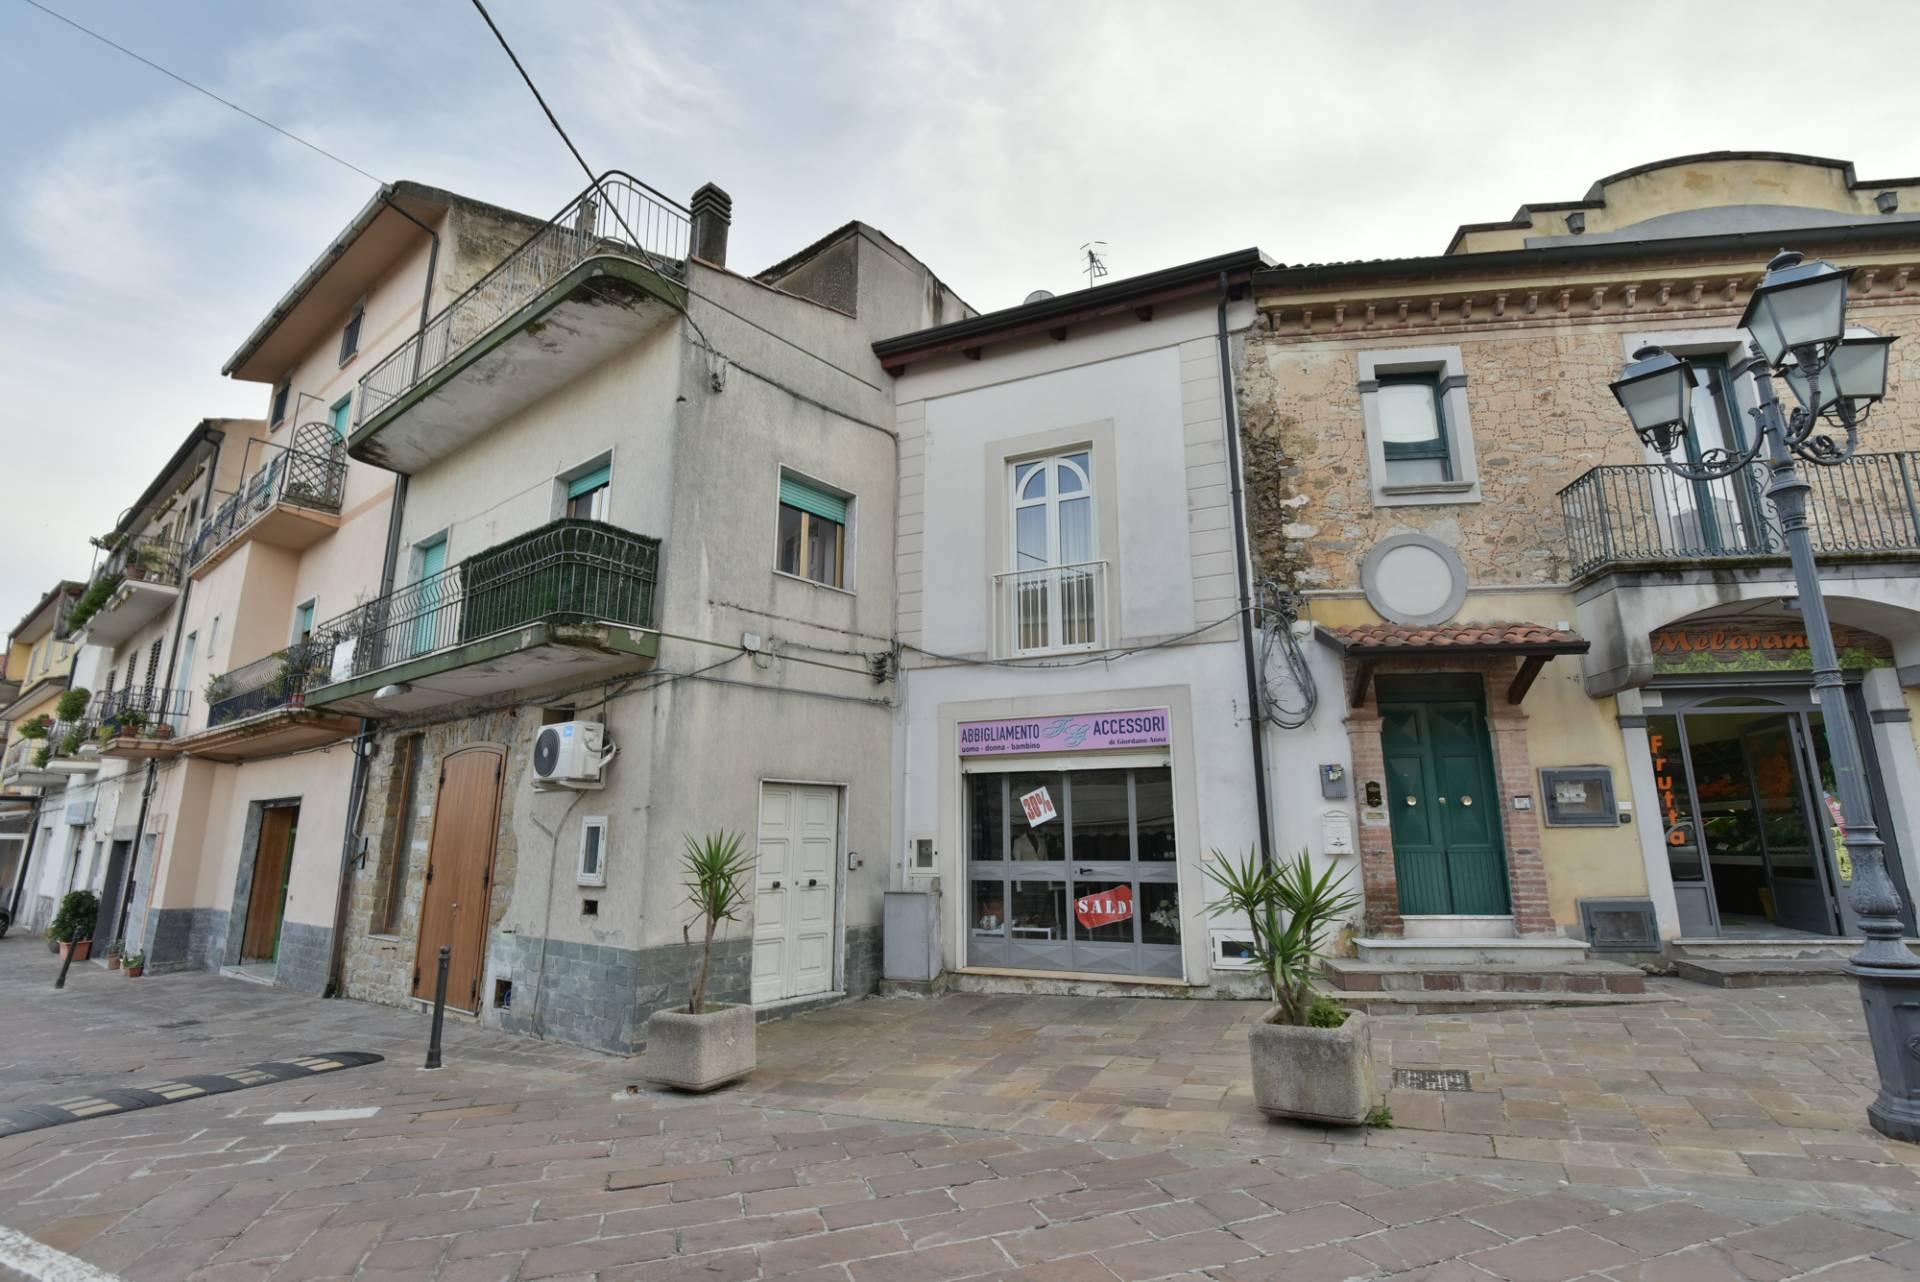 Negozio / Locale in vendita a Torchiara, 9999 locali, prezzo € 50.000   CambioCasa.it